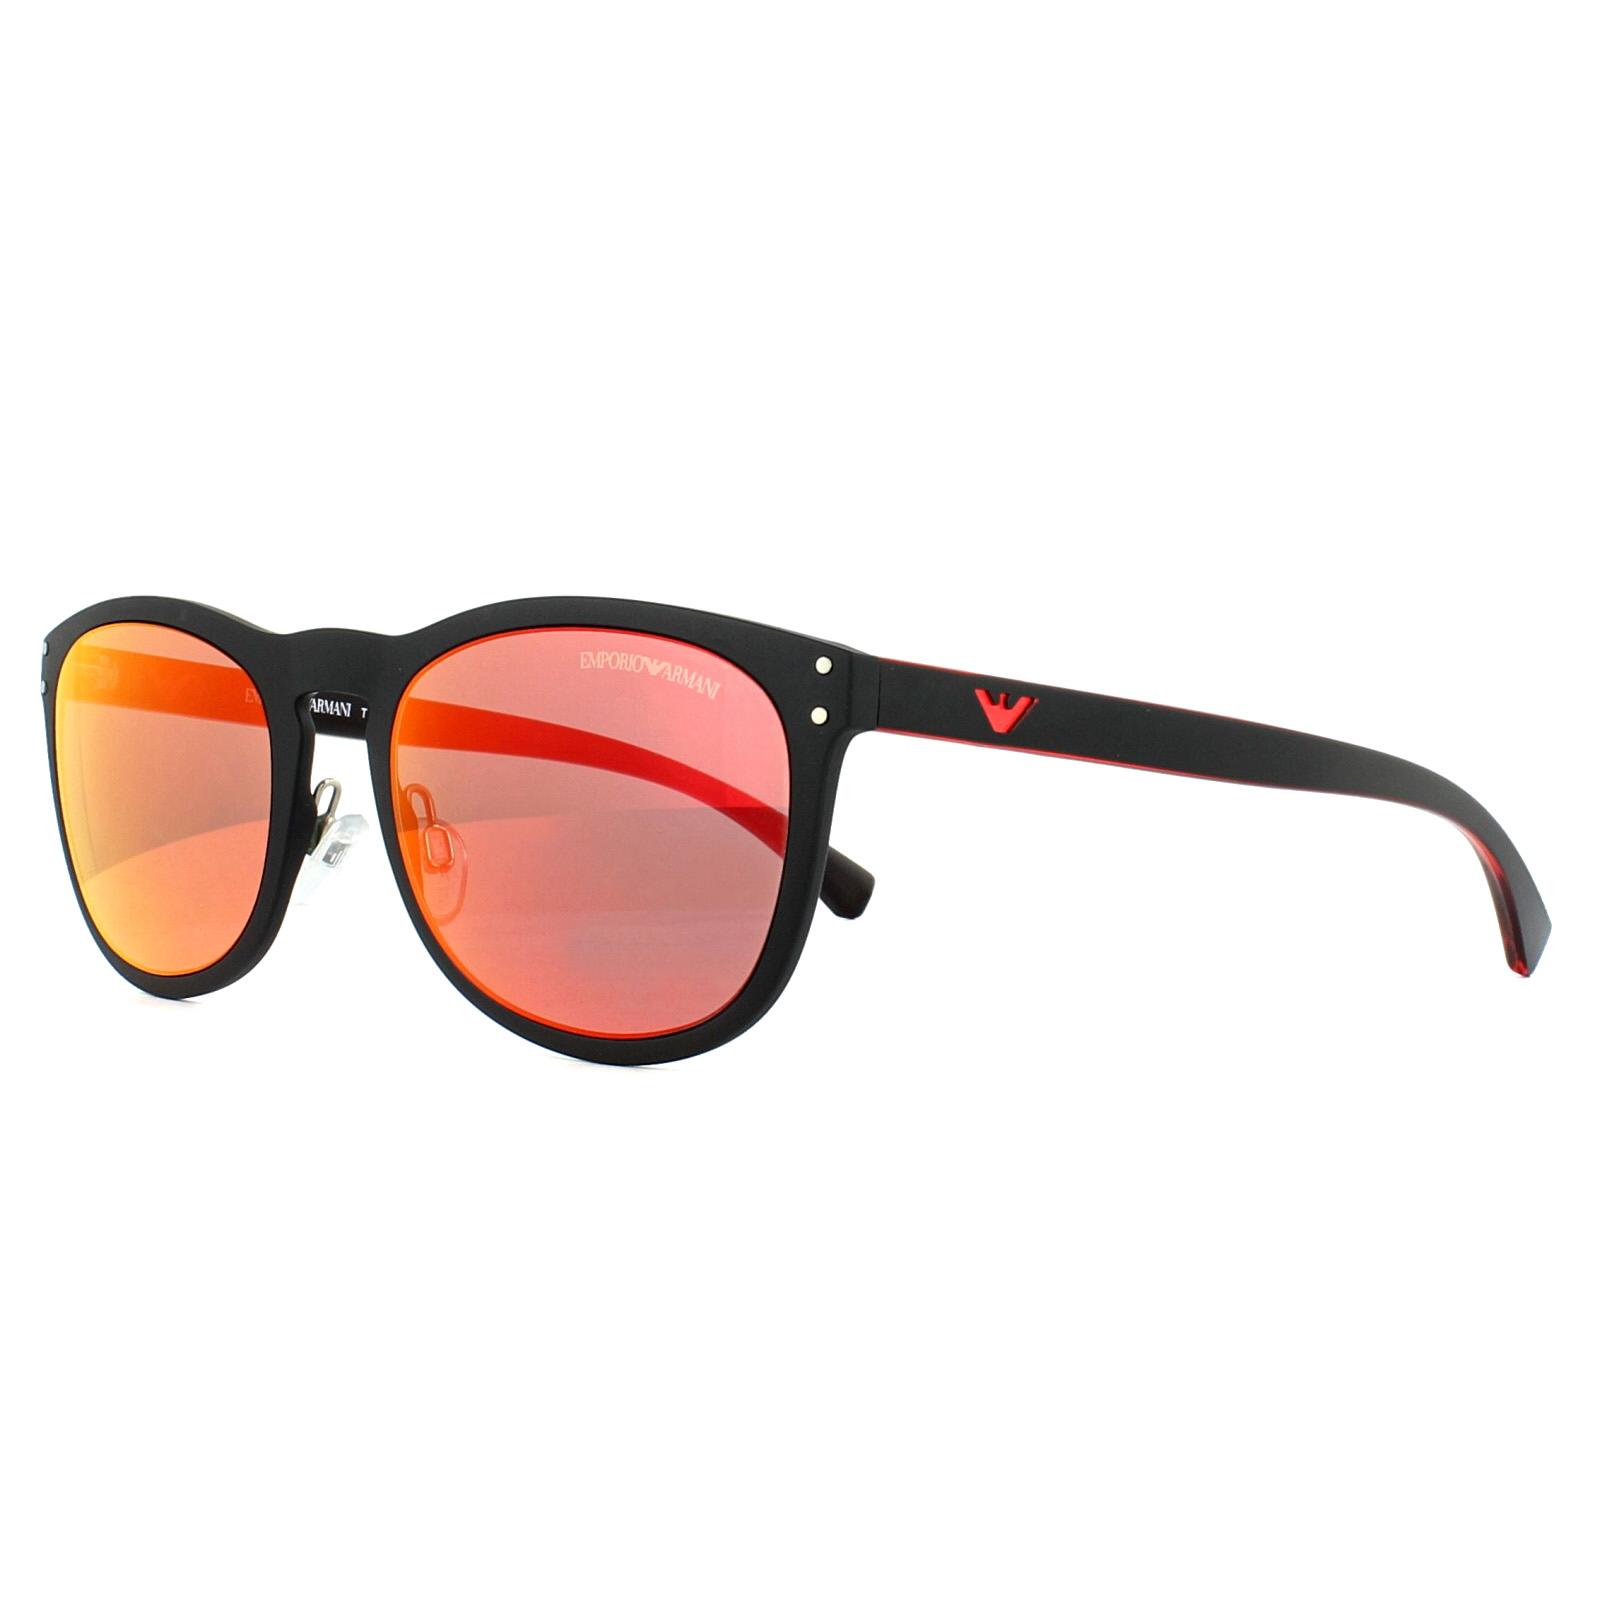 784a1668214 Sentinel Emporio Armani Sunglasses 4098 50426Q Matt Black Red Mirror